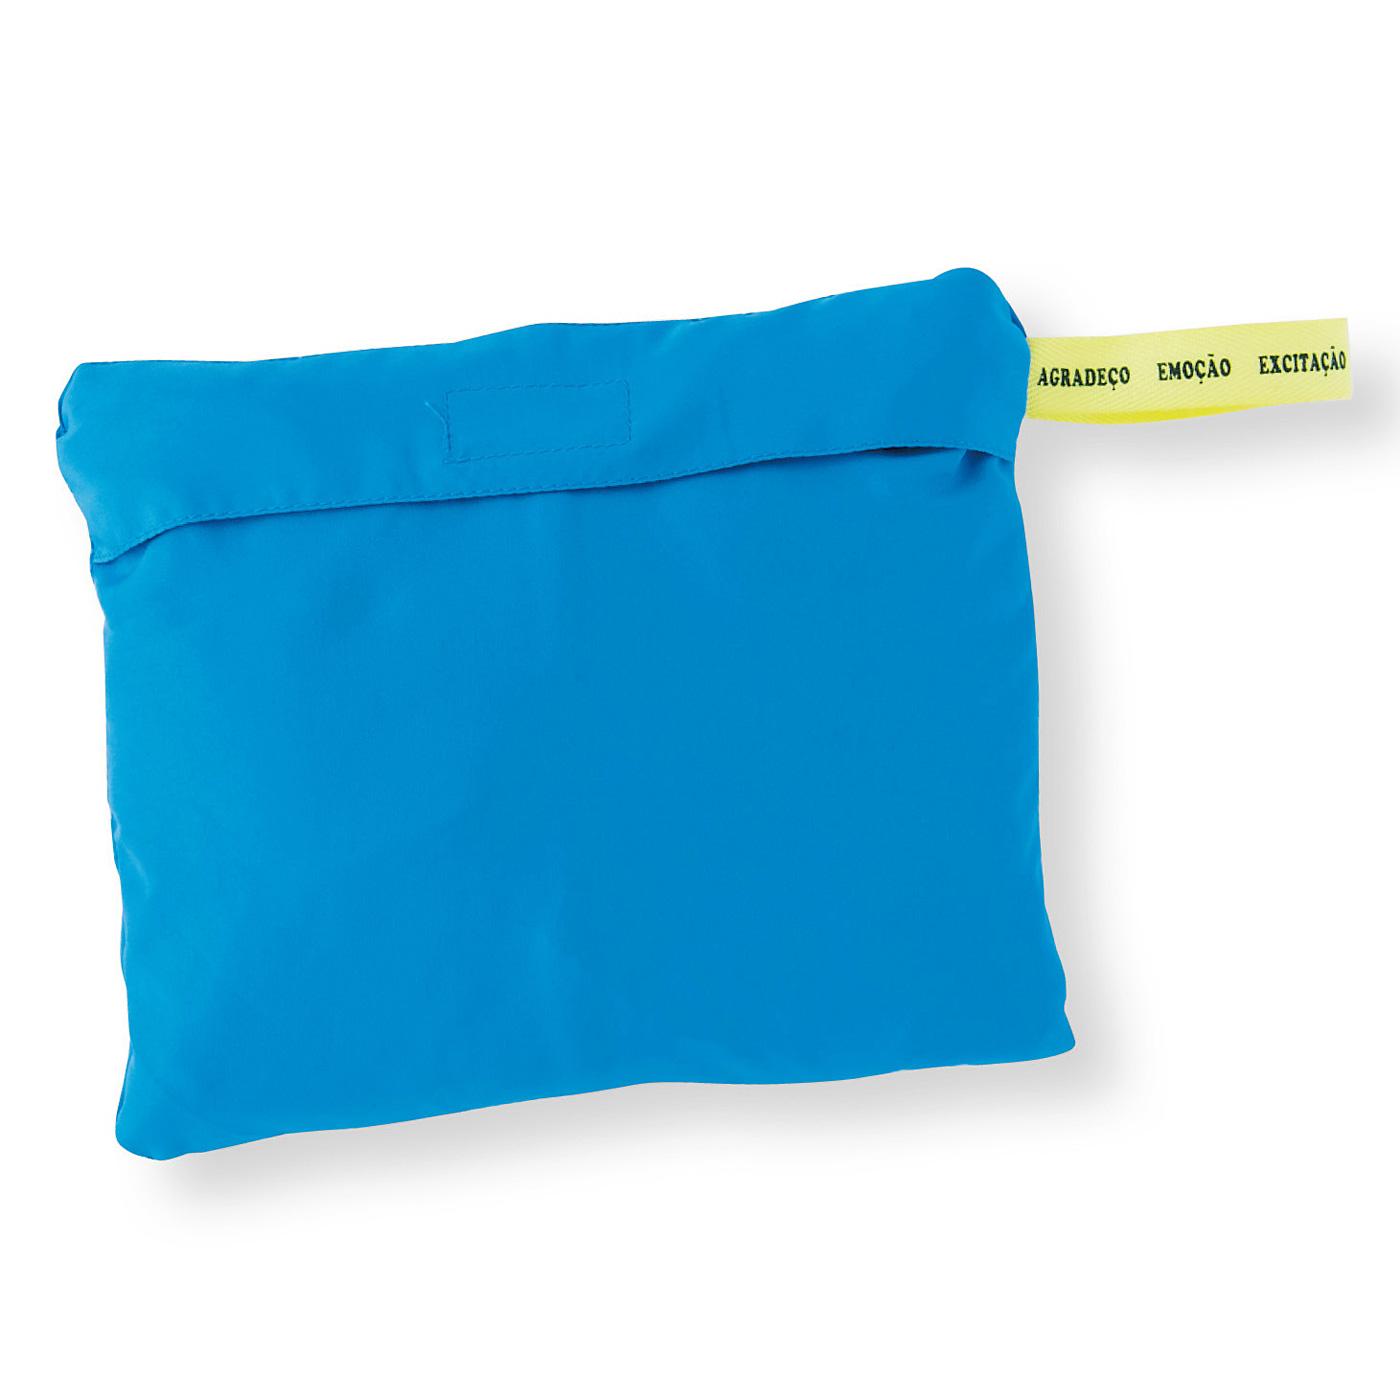 たたんでブルゾン本体に収納すると、持ち運び便利なポーチ形に。